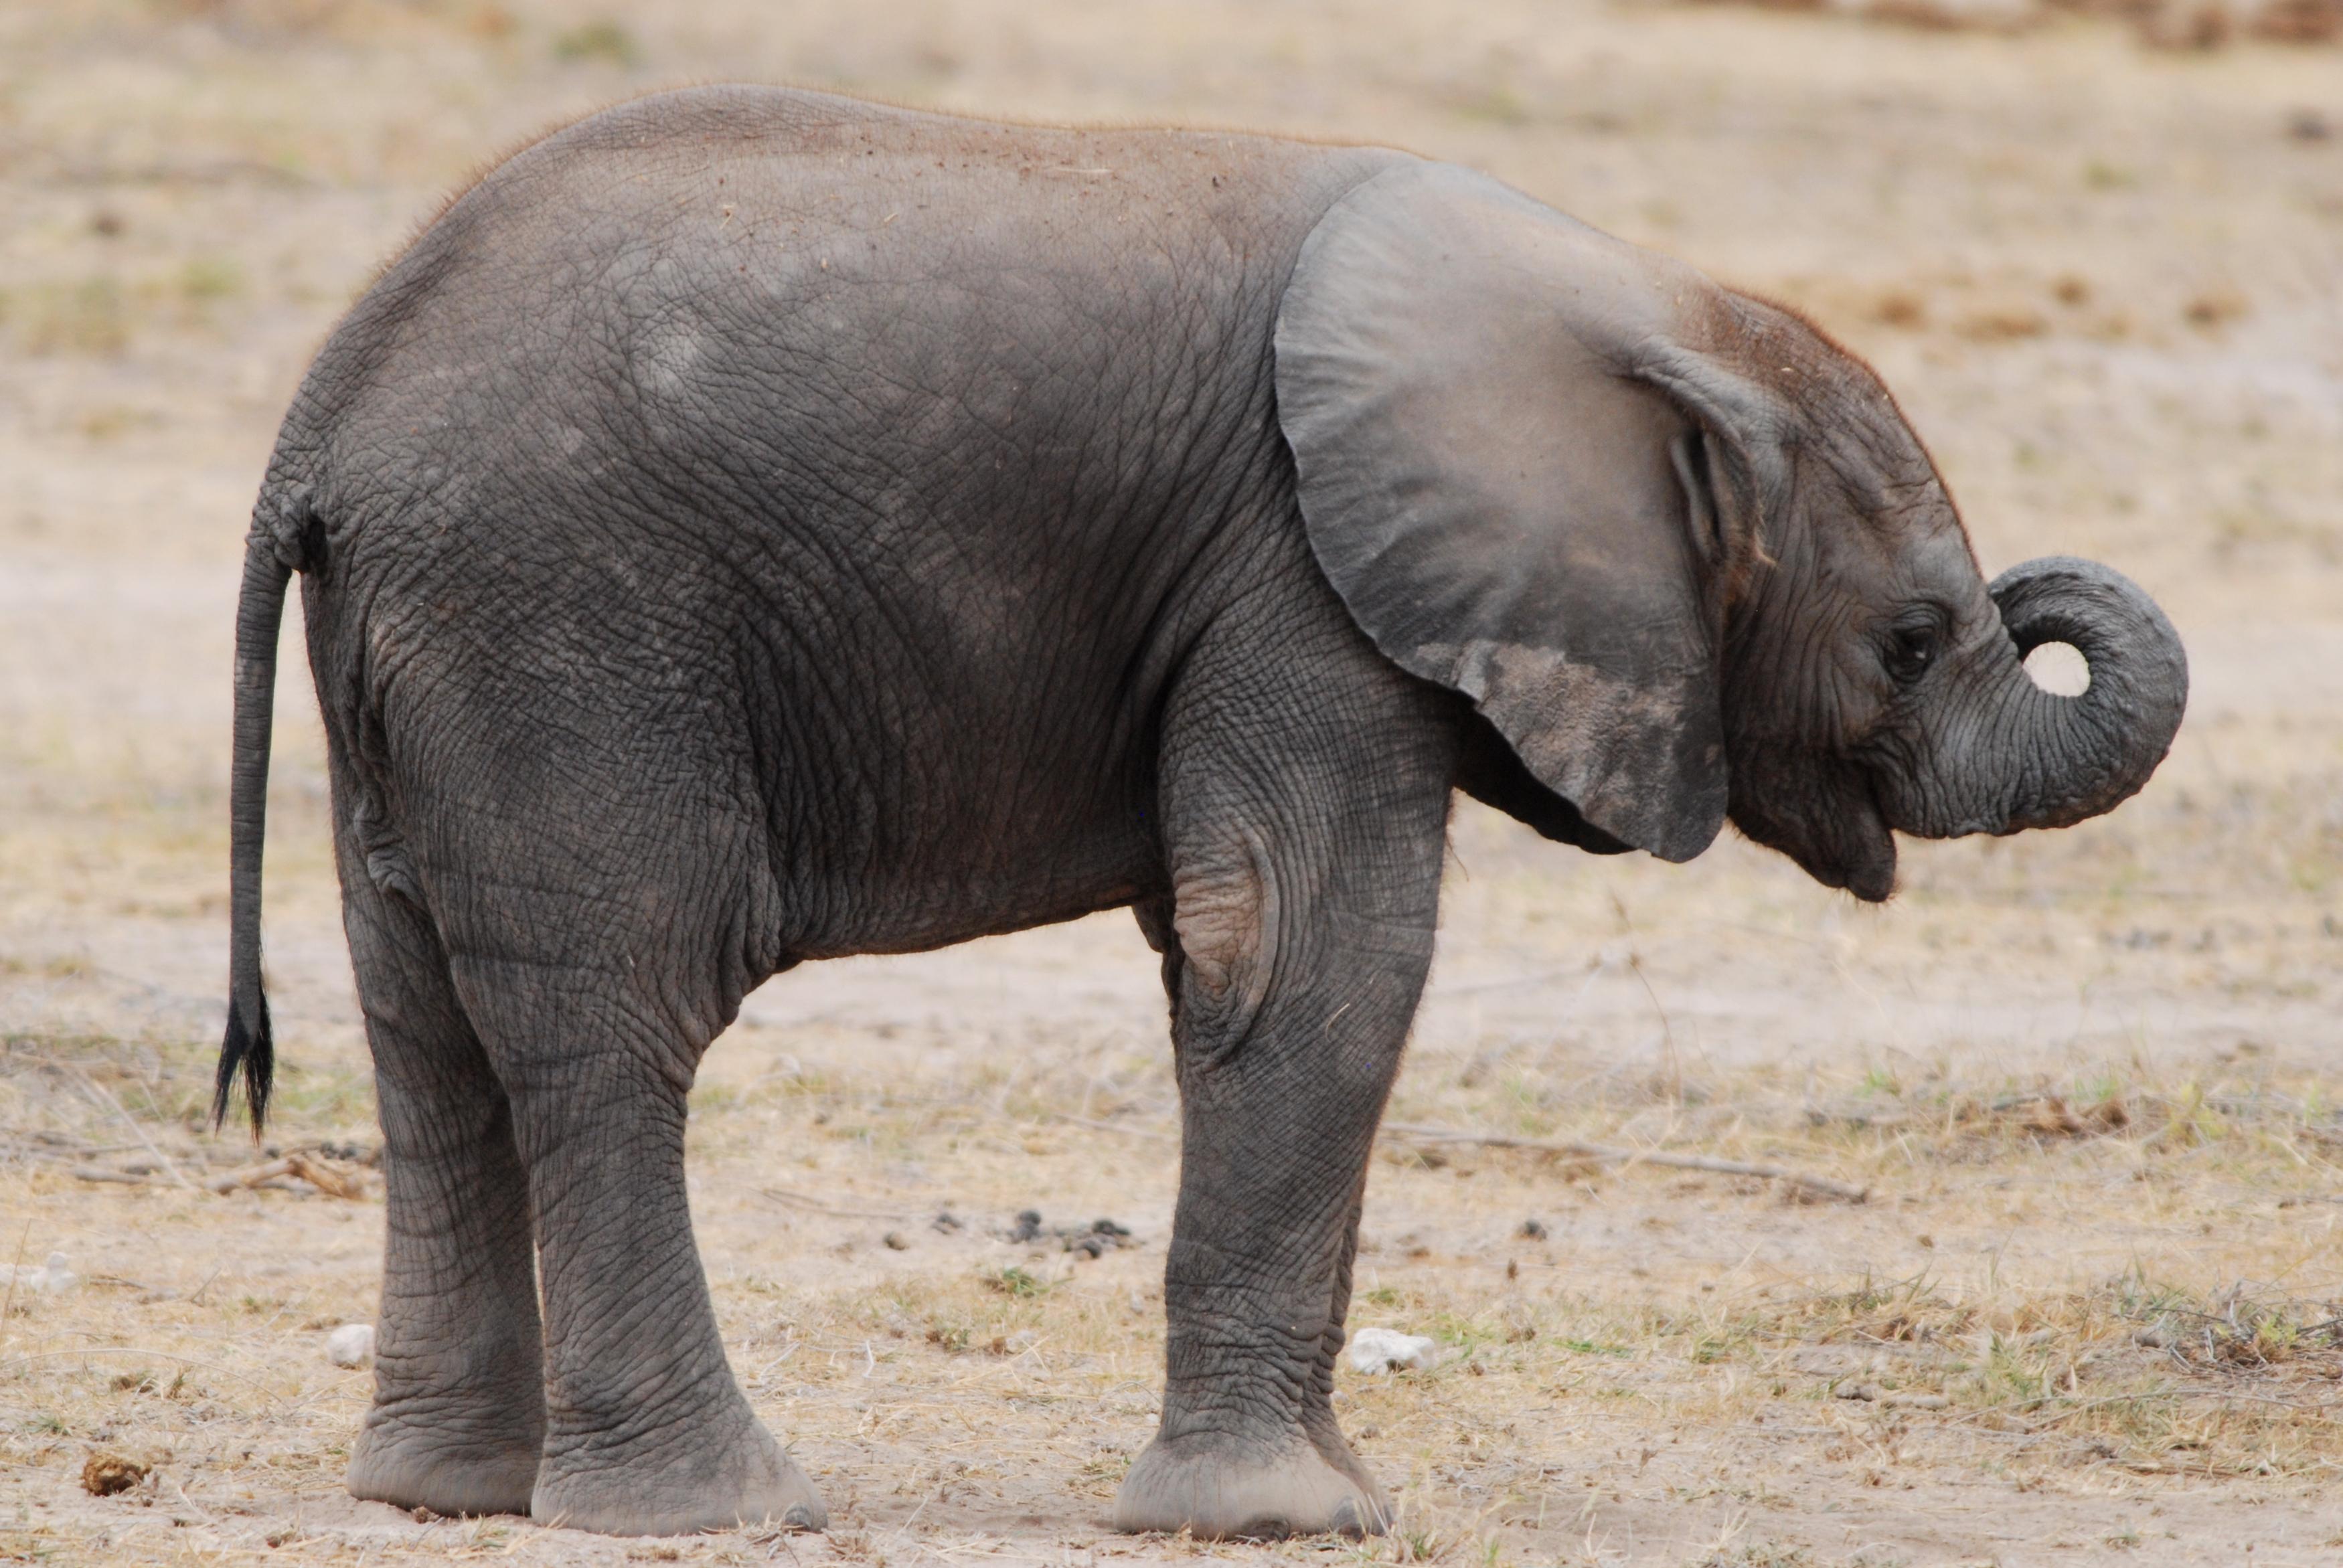 elephant baby elephant baby elephant wallpaper elephant elephant 3500x2343